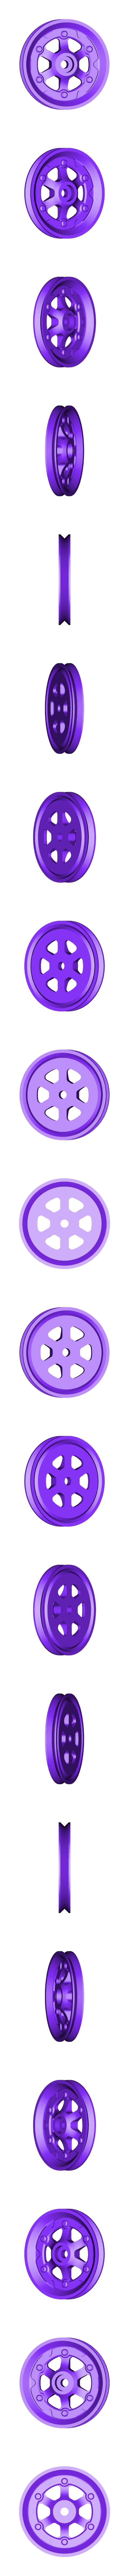 XX_Wheel_Rear_L.stl Télécharger fichier STL gratuit Vapemobile : Voiture jouet pneumatique • Modèle pour imprimante 3D, Slava_Z